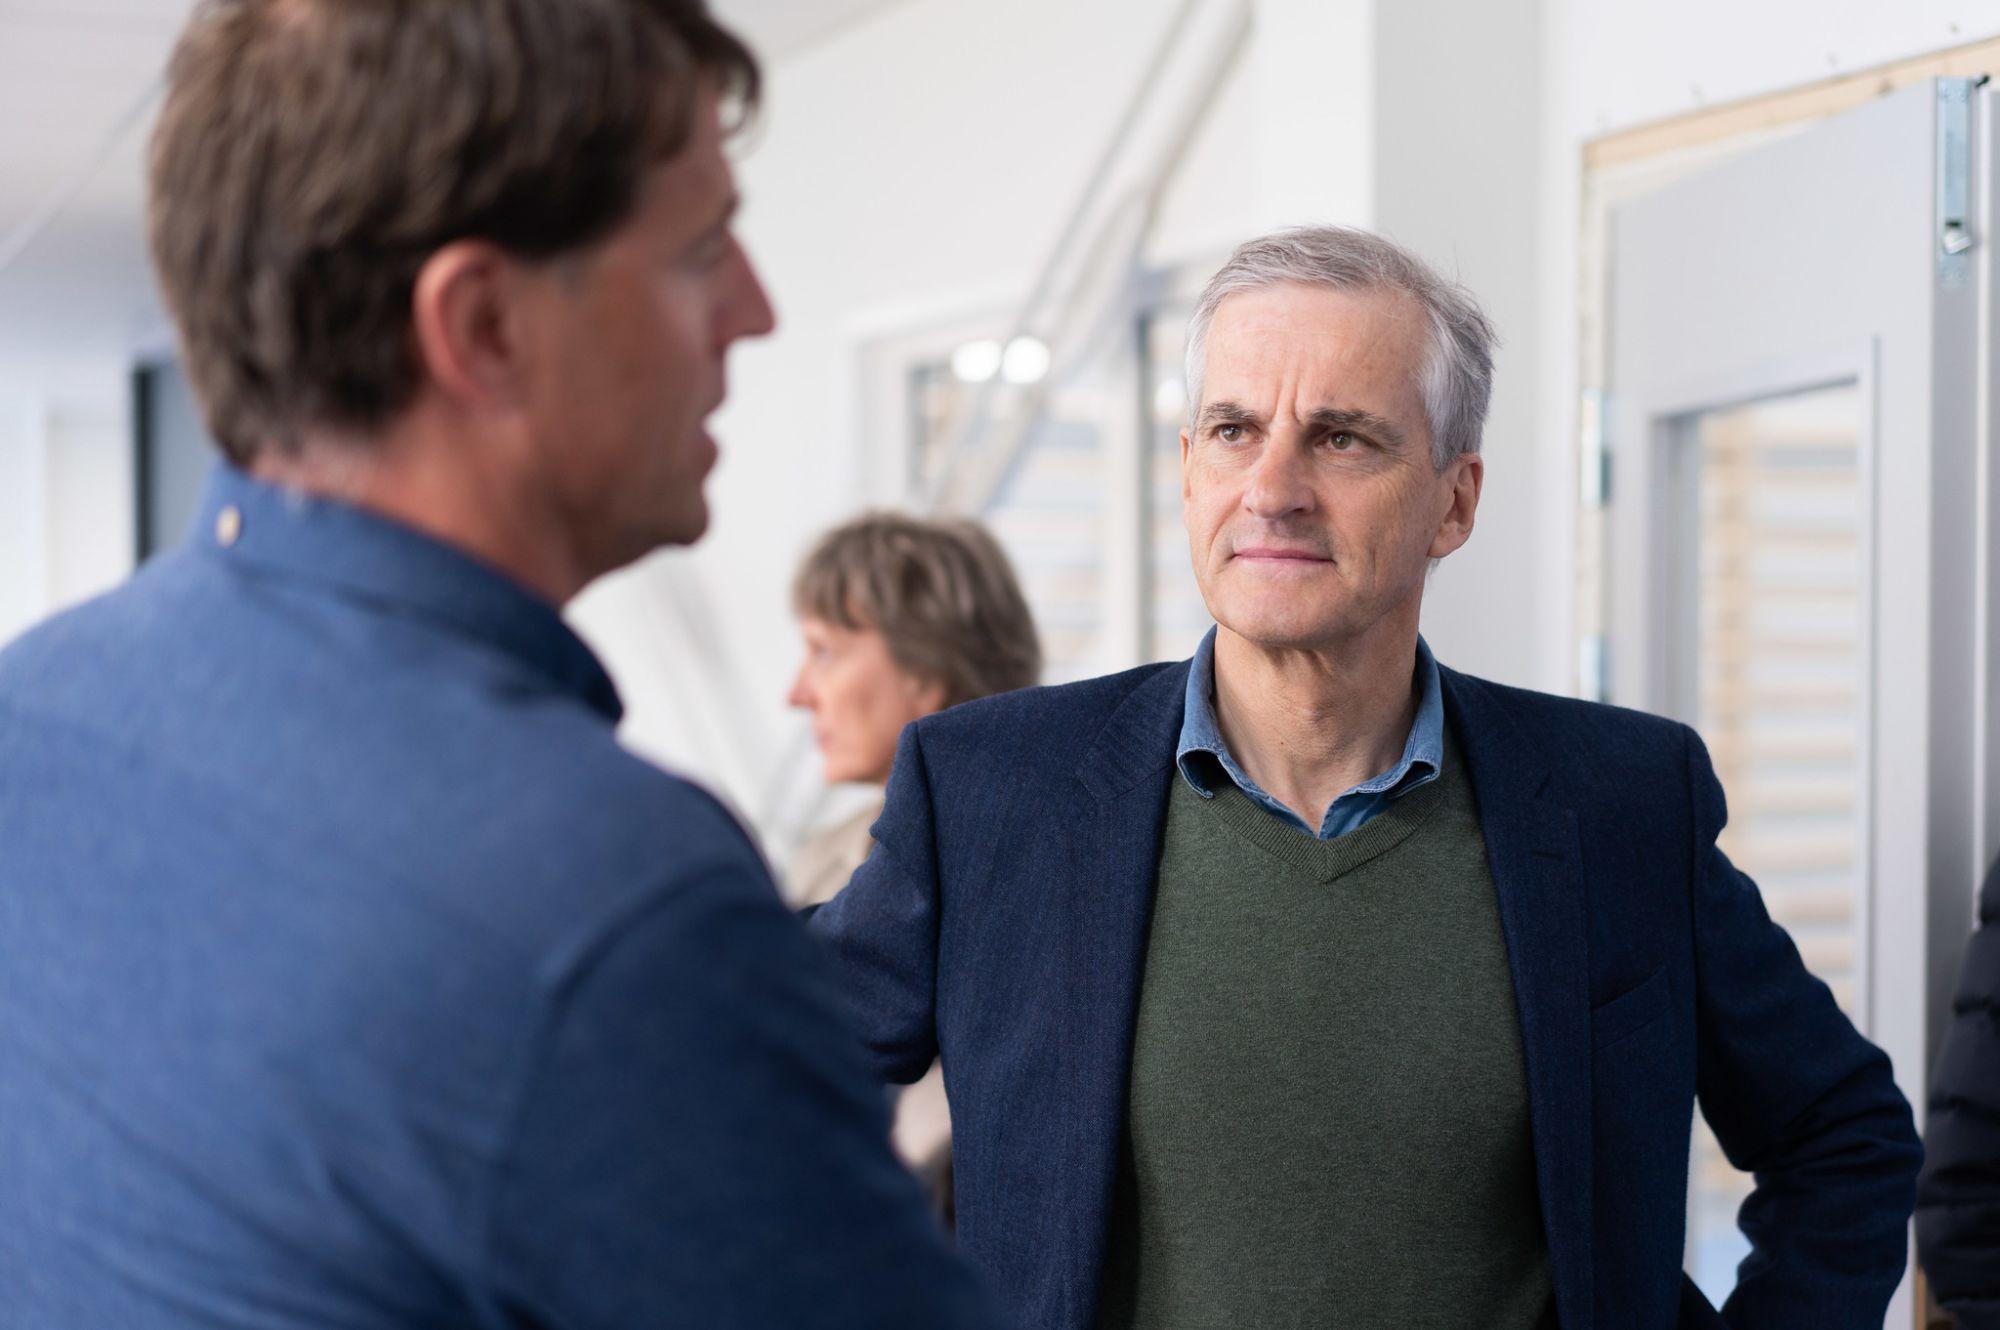 Jonas Gahr Støre ser alvorlig på mann som snakker i forgrunnen av bildet med ryggen til.